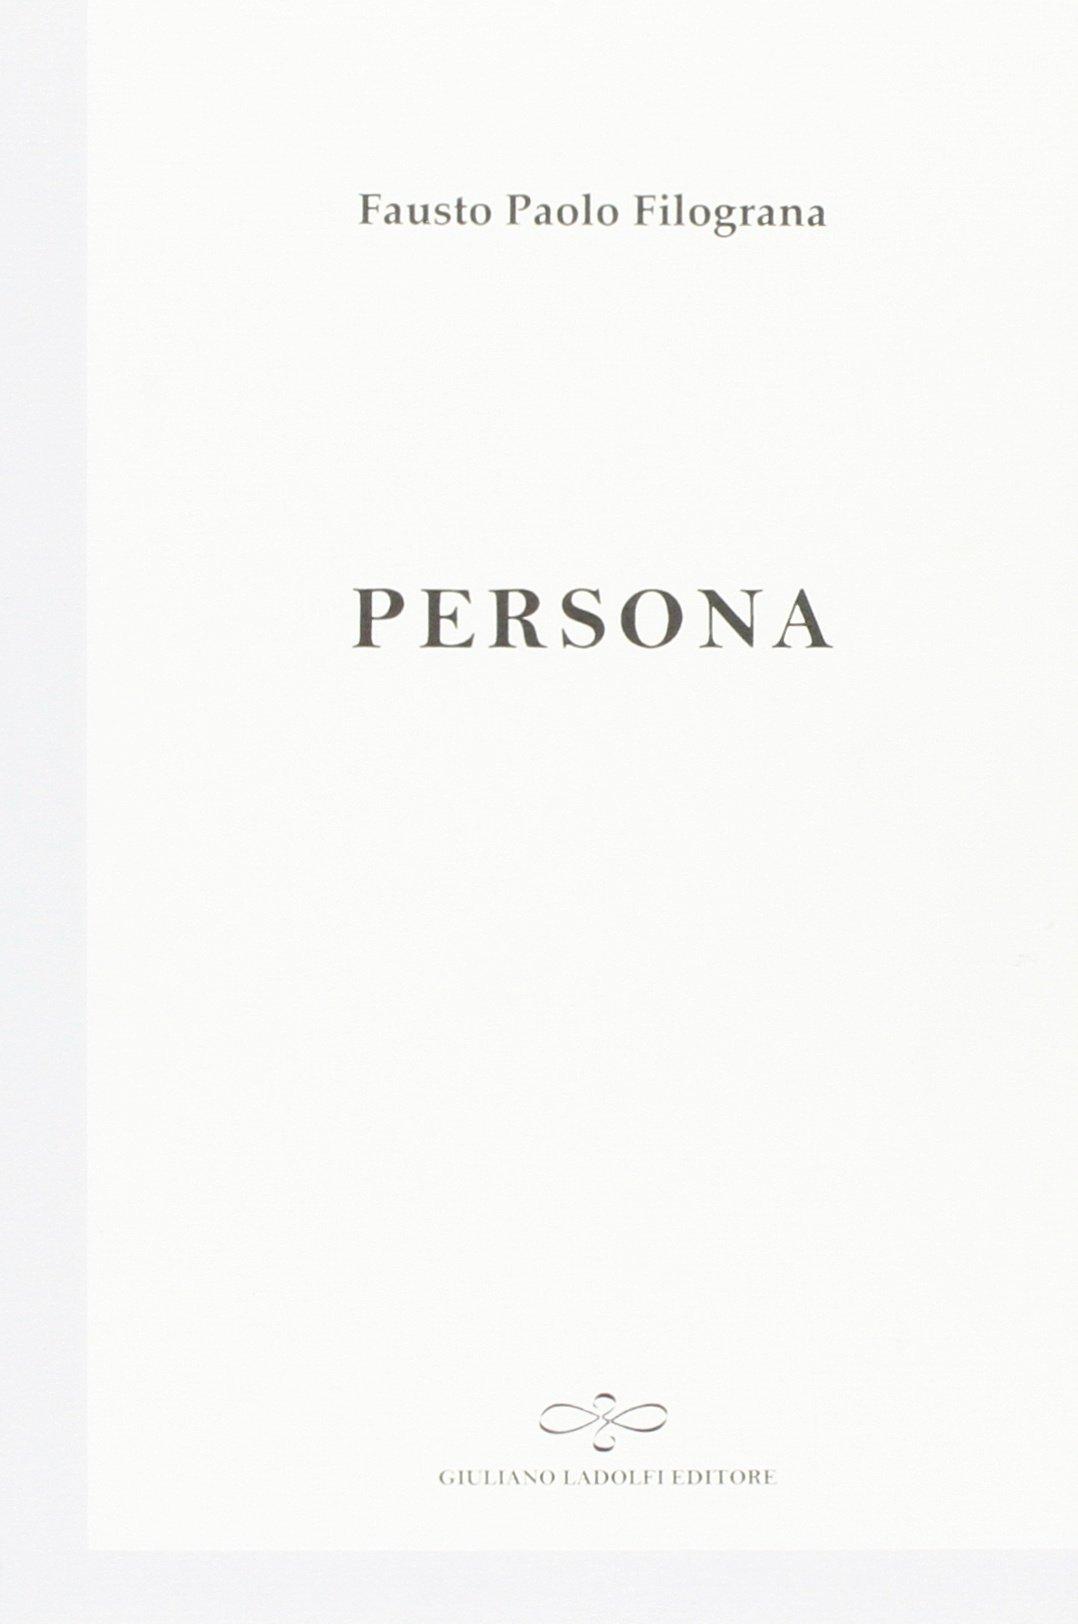 Persona - Fausto Paolo Filograna